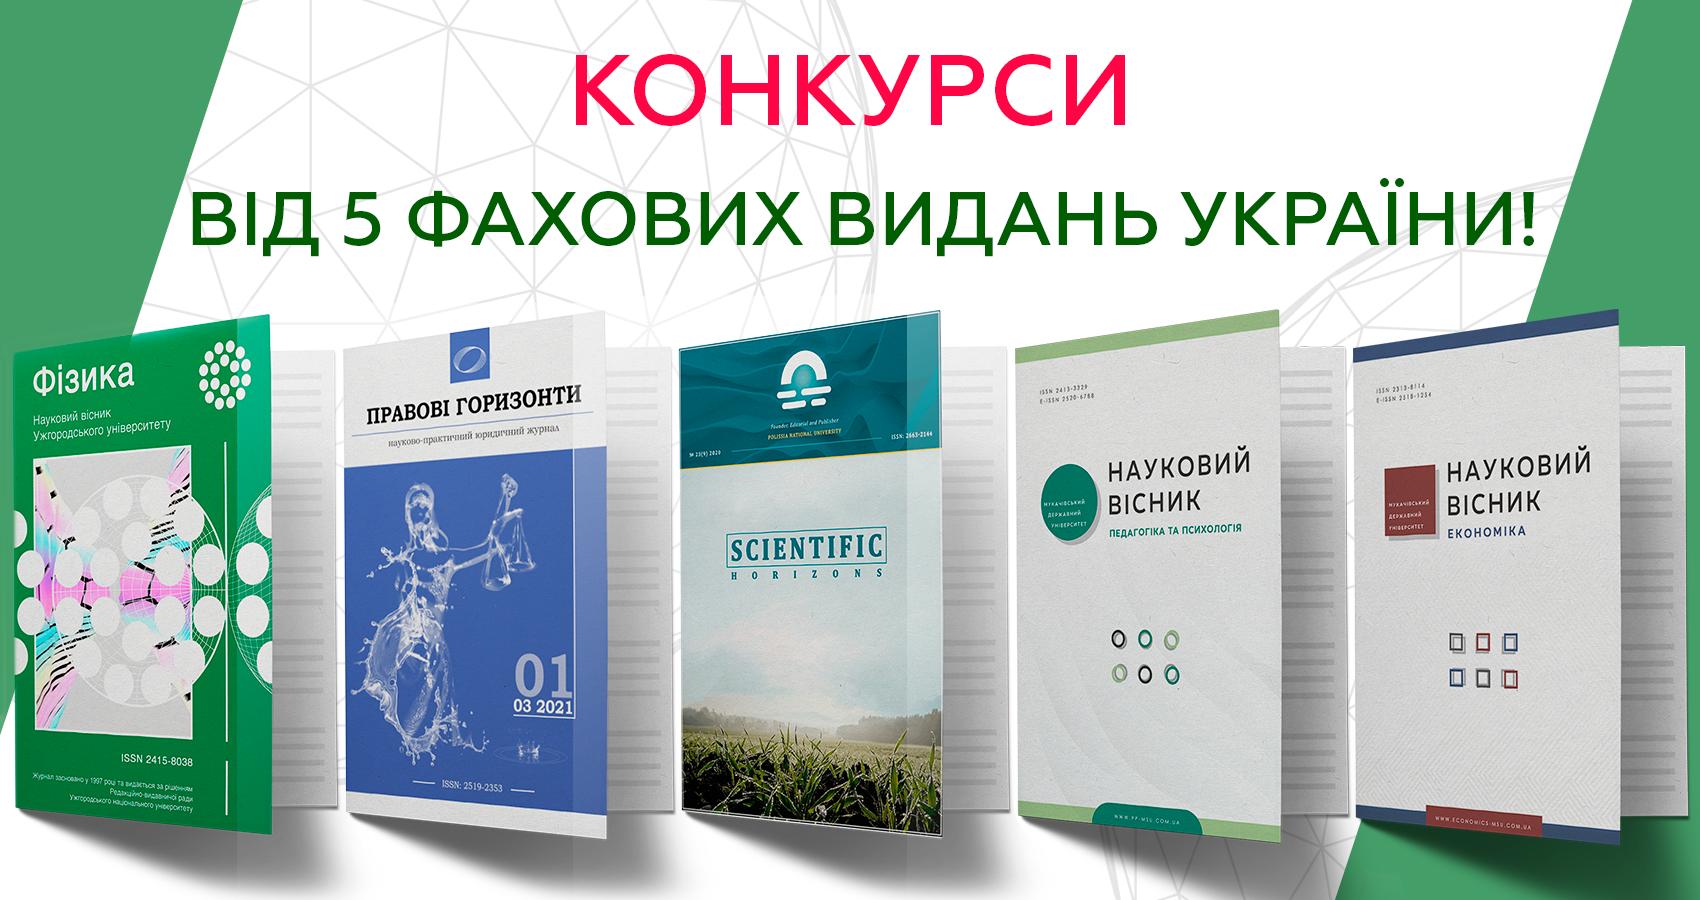 Конкурси від українських журналів!